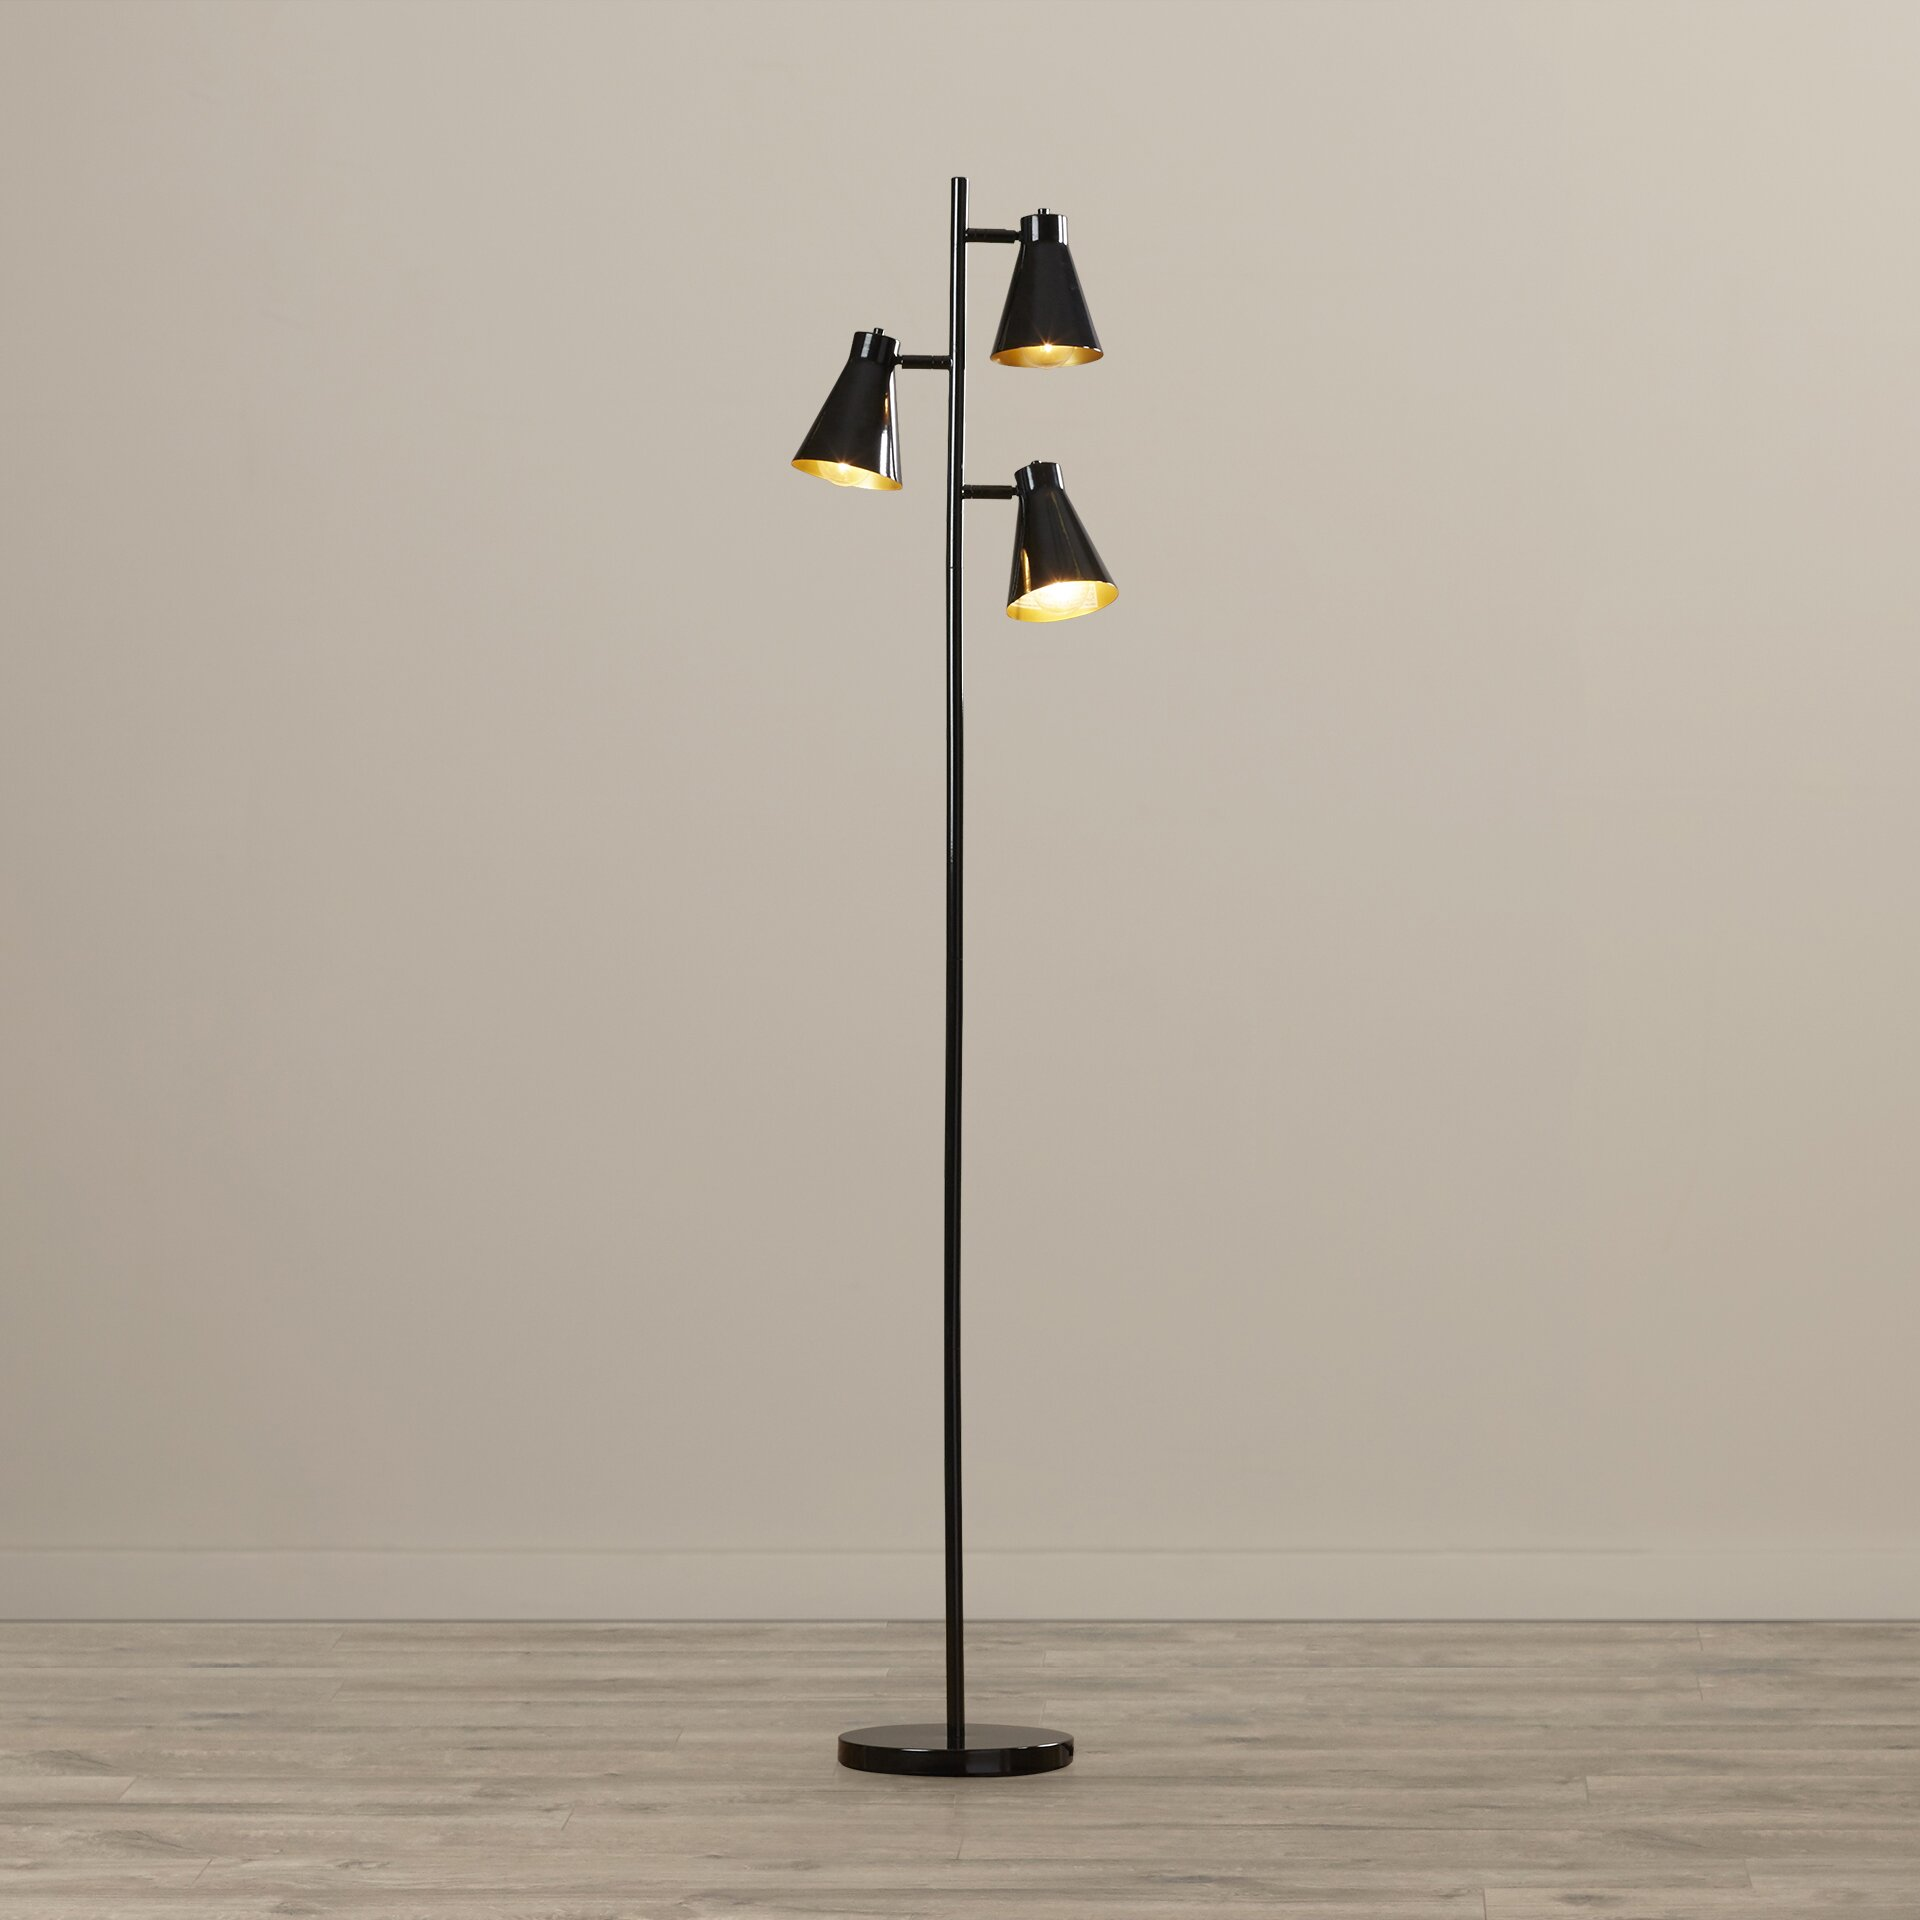 lighting lamps floor lamps langley street sku lgly2253. Black Bedroom Furniture Sets. Home Design Ideas